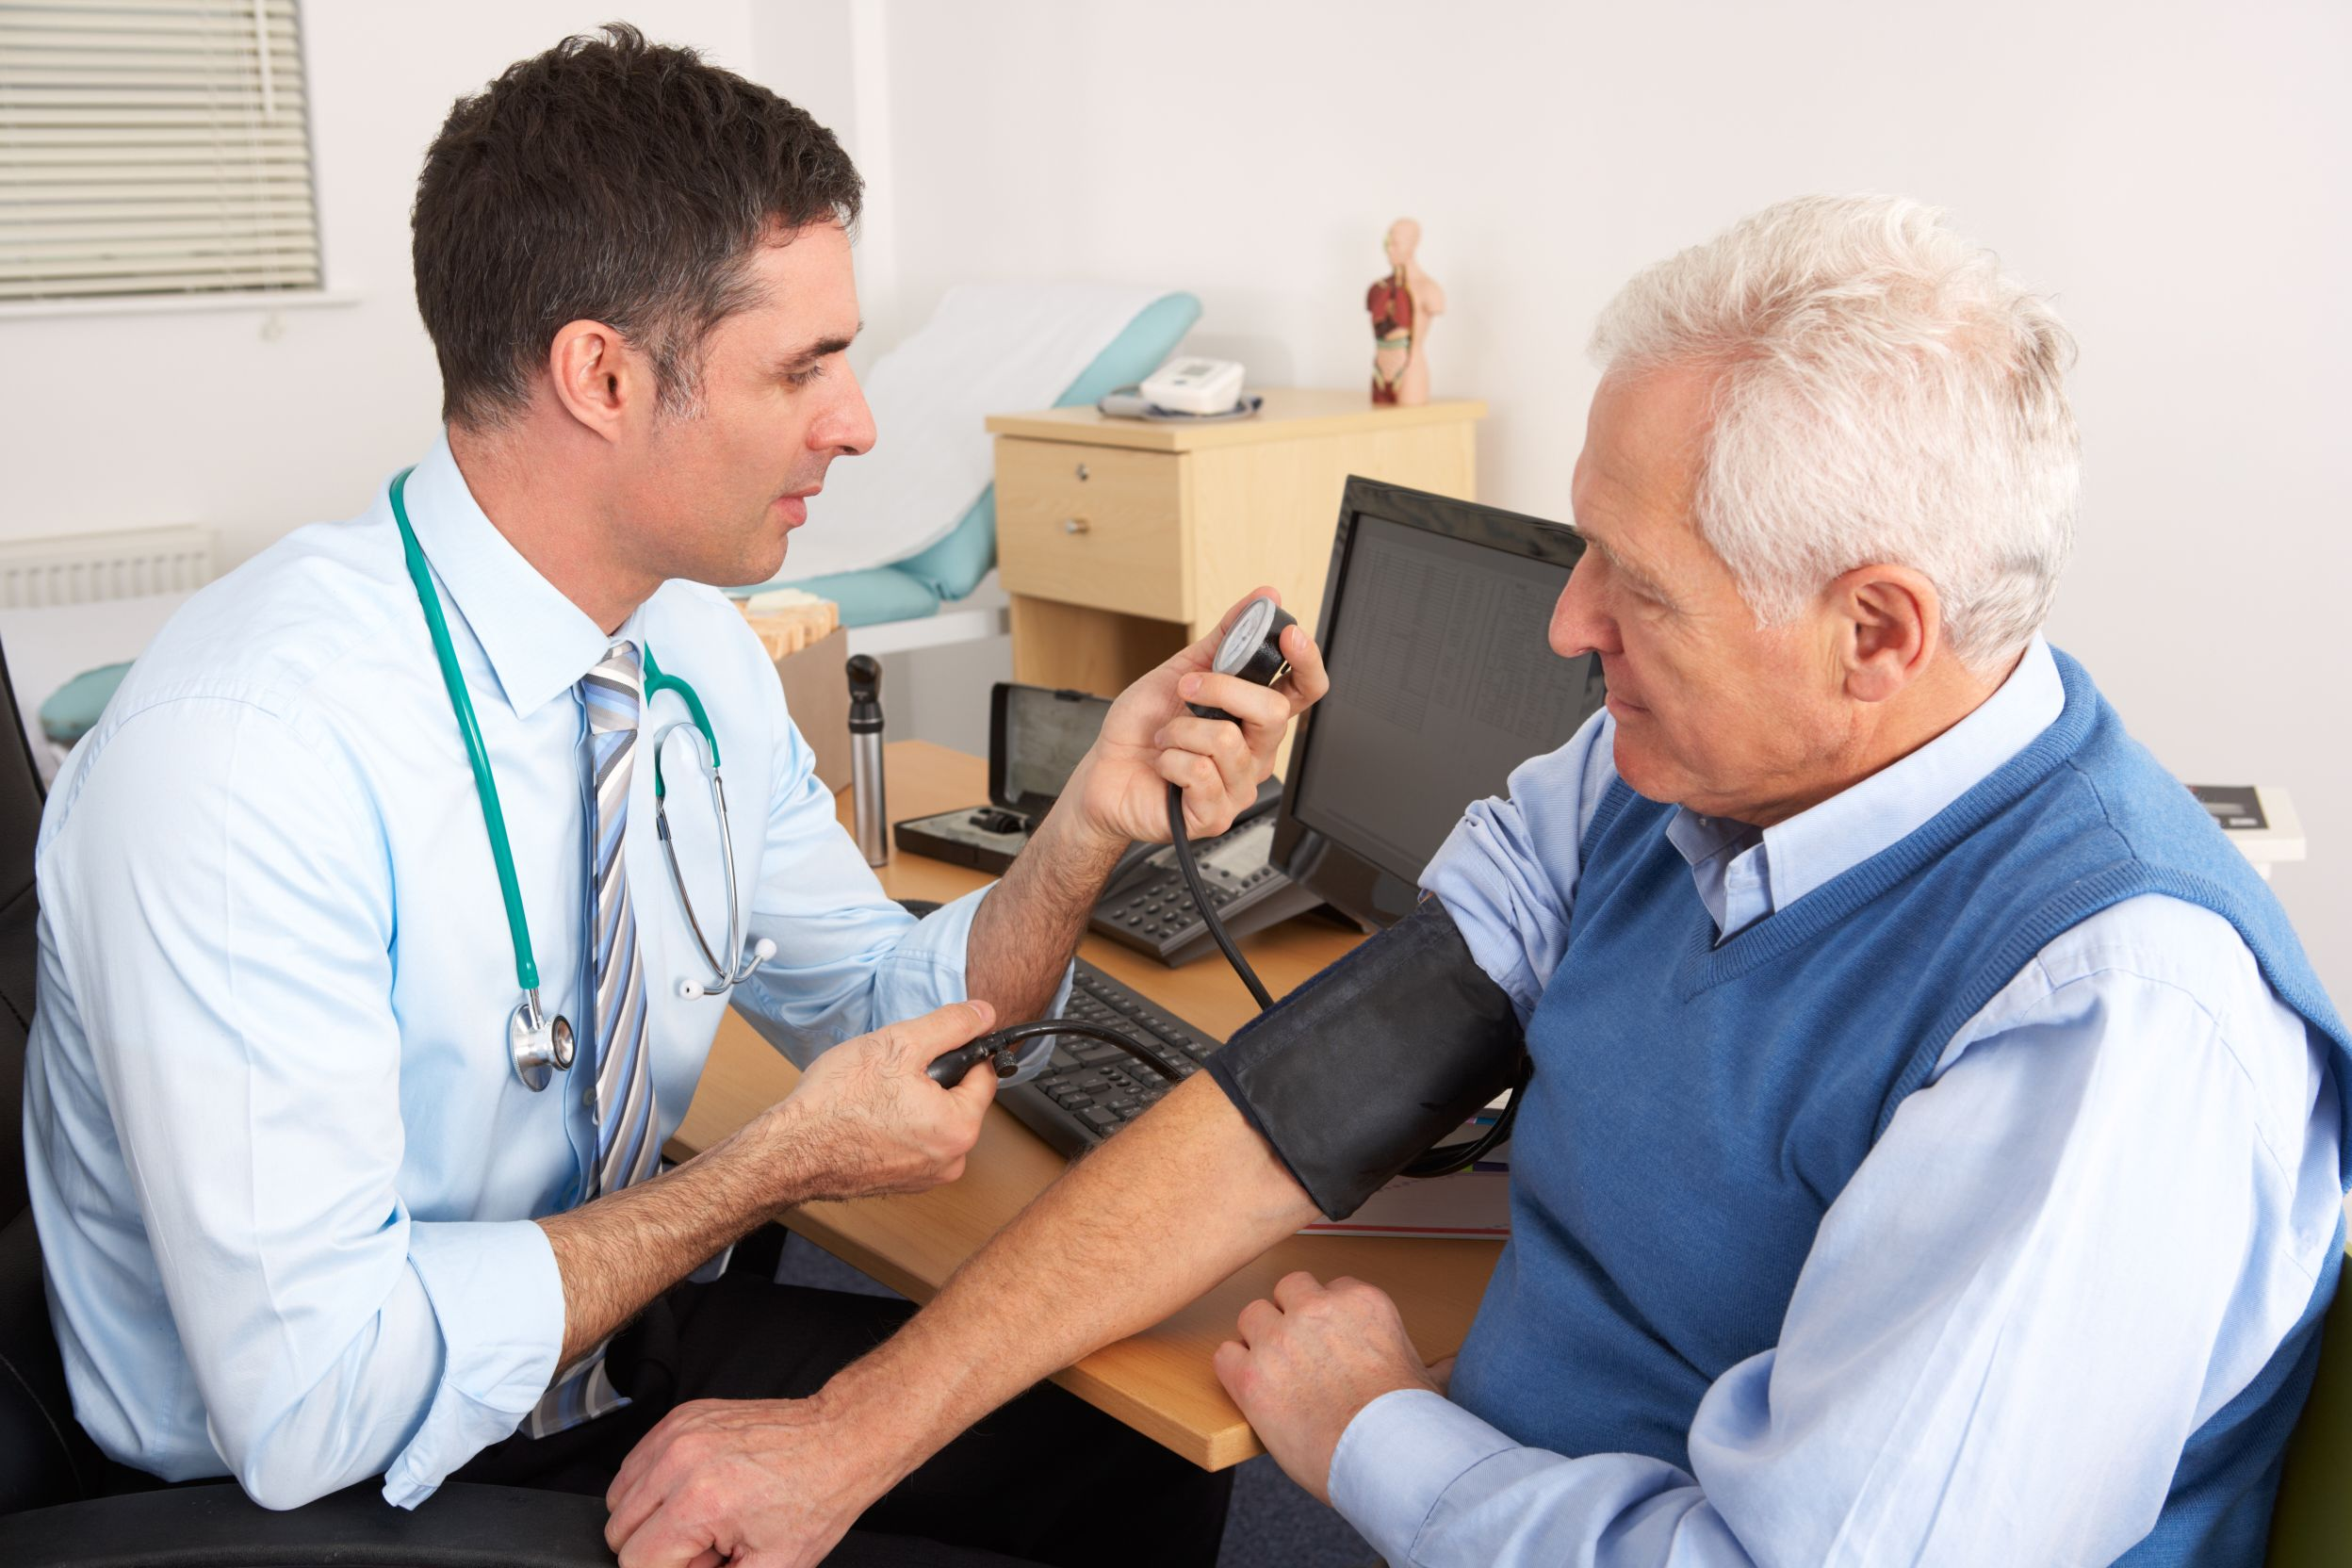 Doctor - General Practice